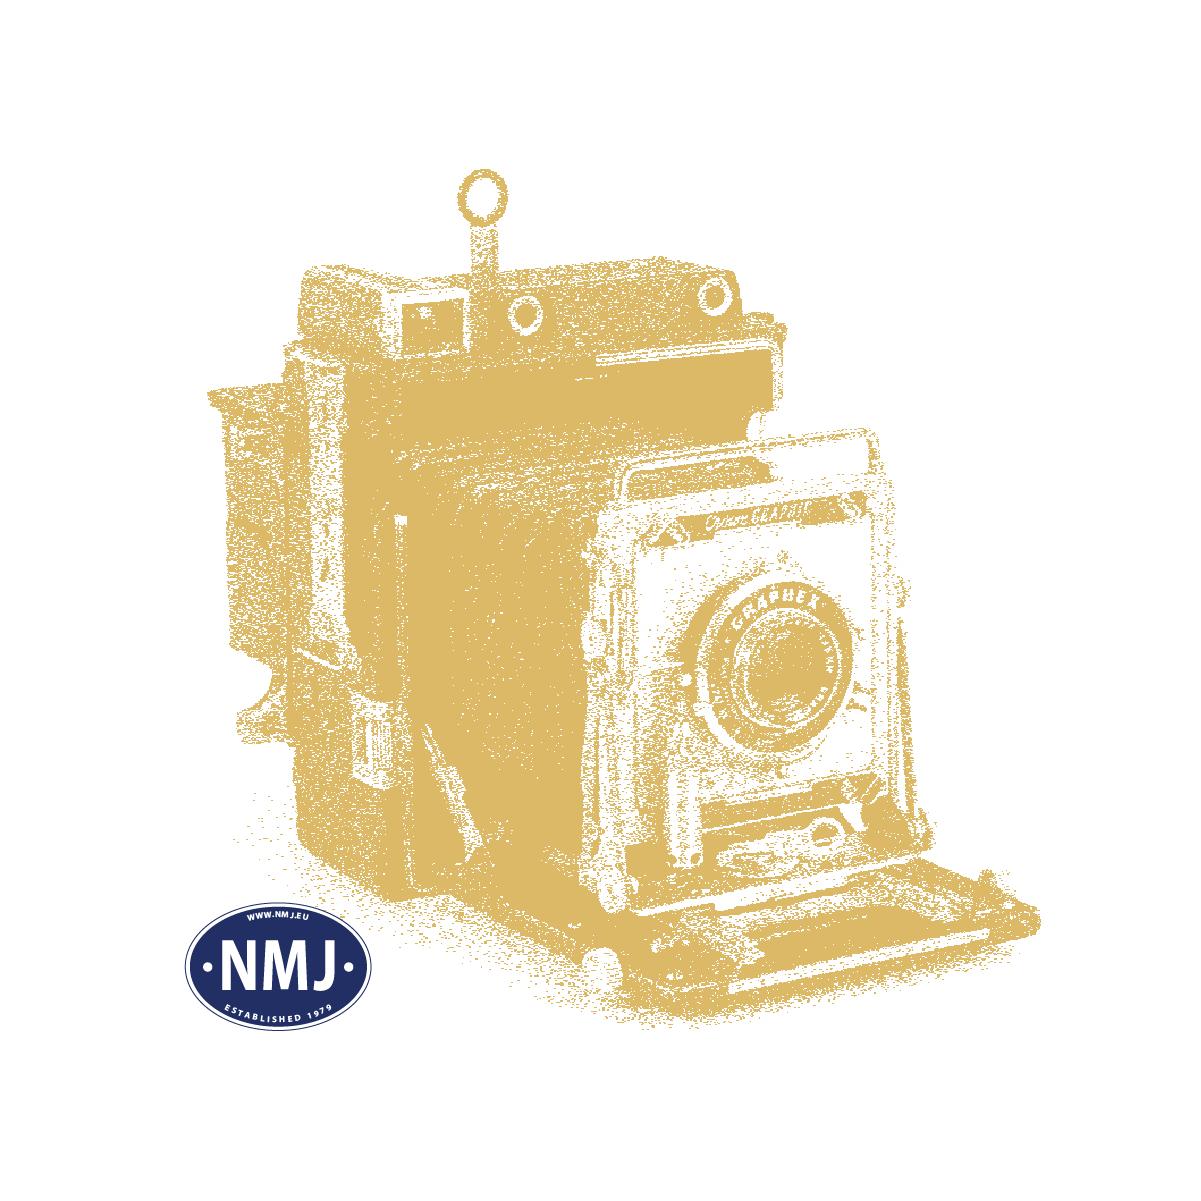 NMJH15119 - Norwegische Garage, Grau / Weiß, H0 Fertigmodell